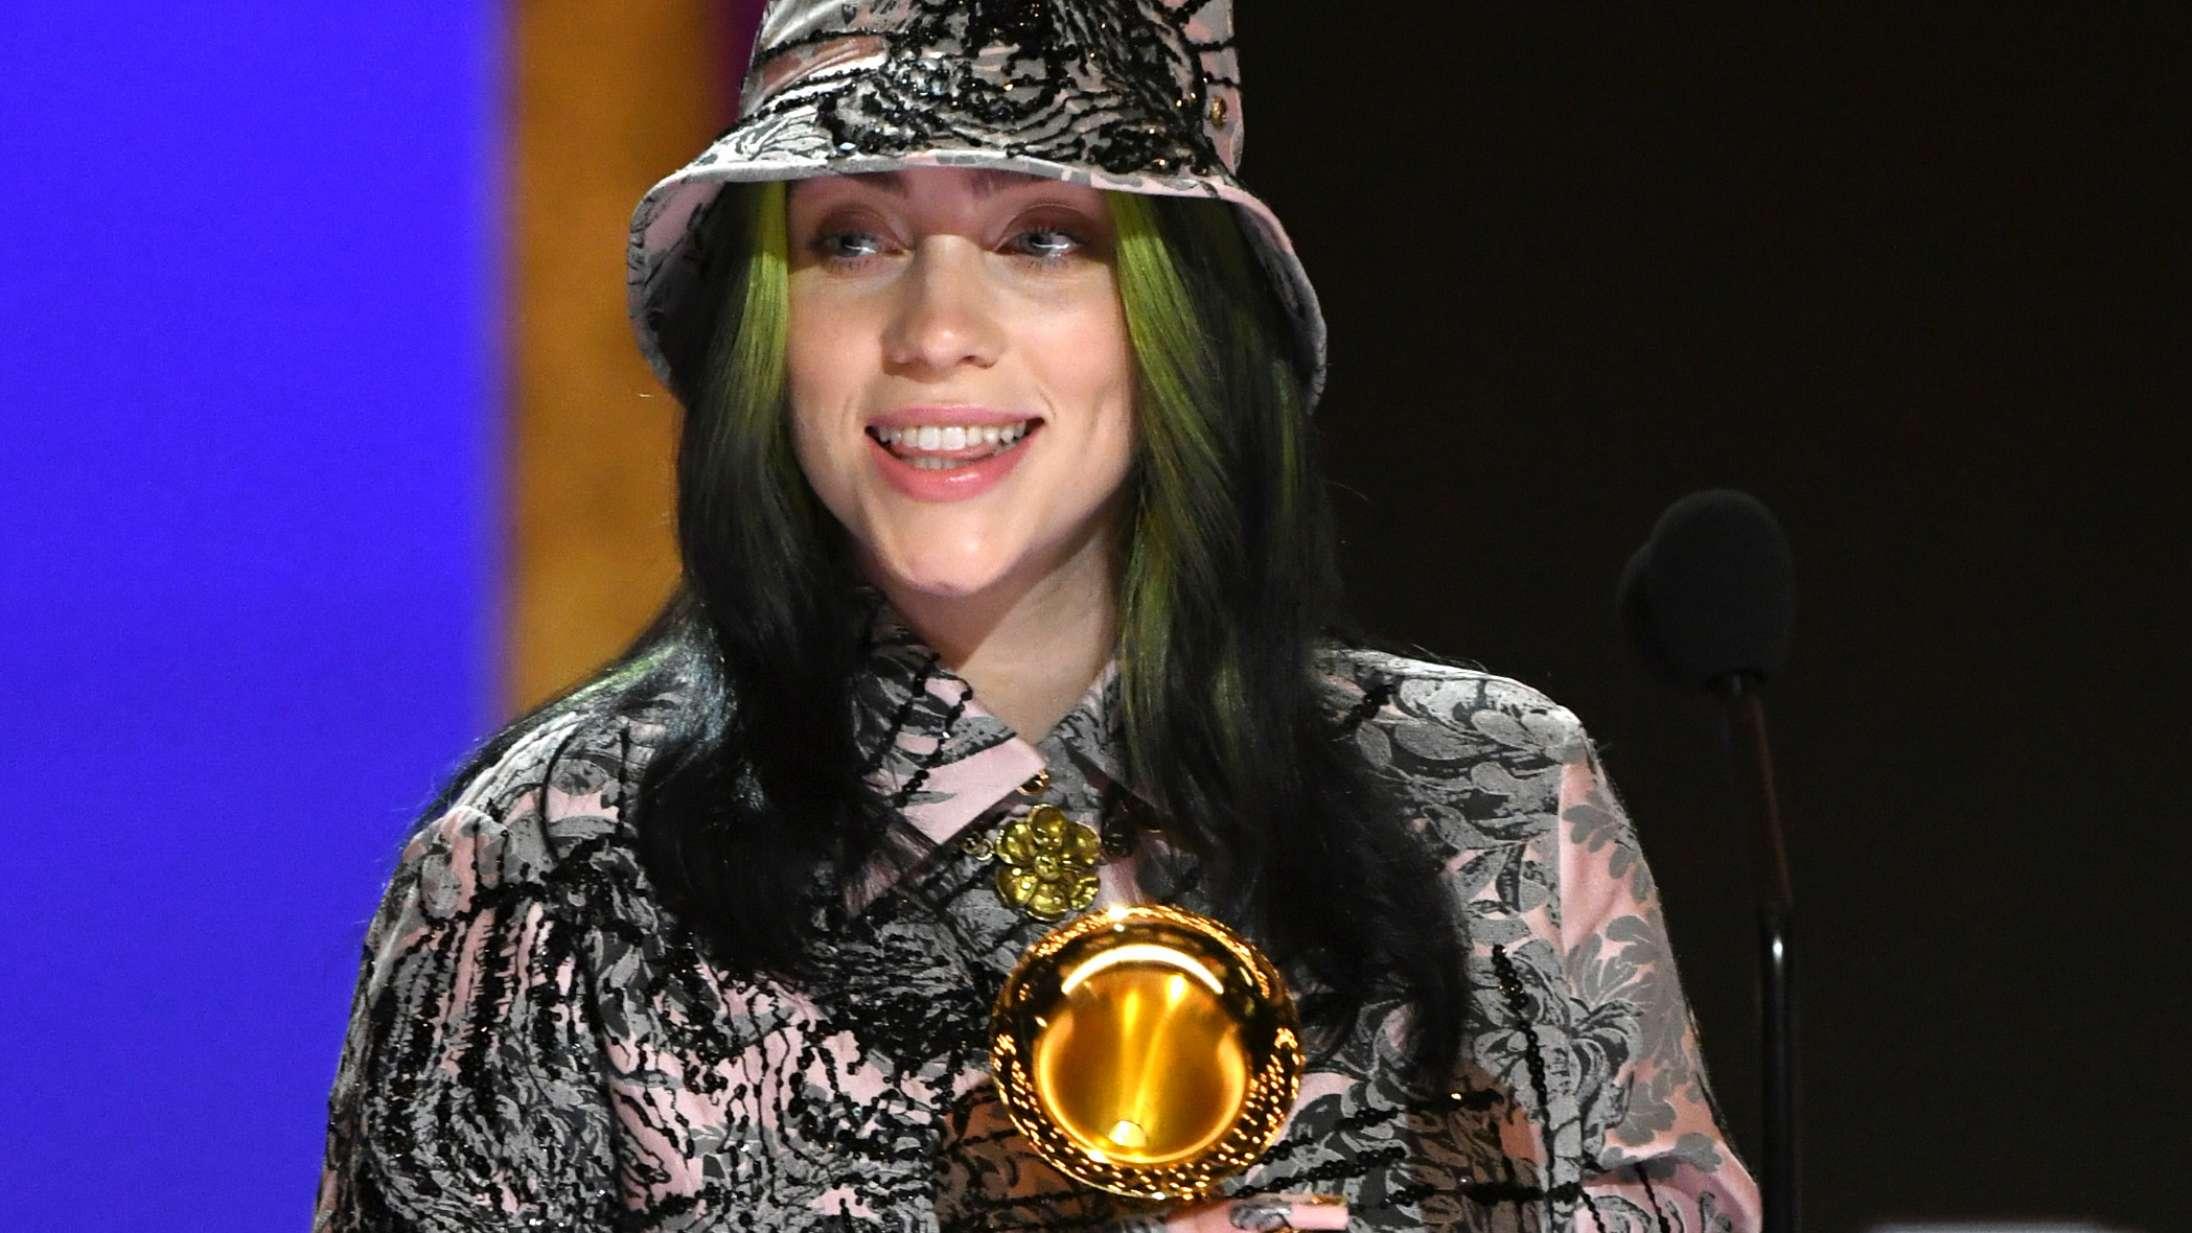 Billie Eilish bruger hele sin Grammy-takketale på at sige, at en anden skulle have vundet